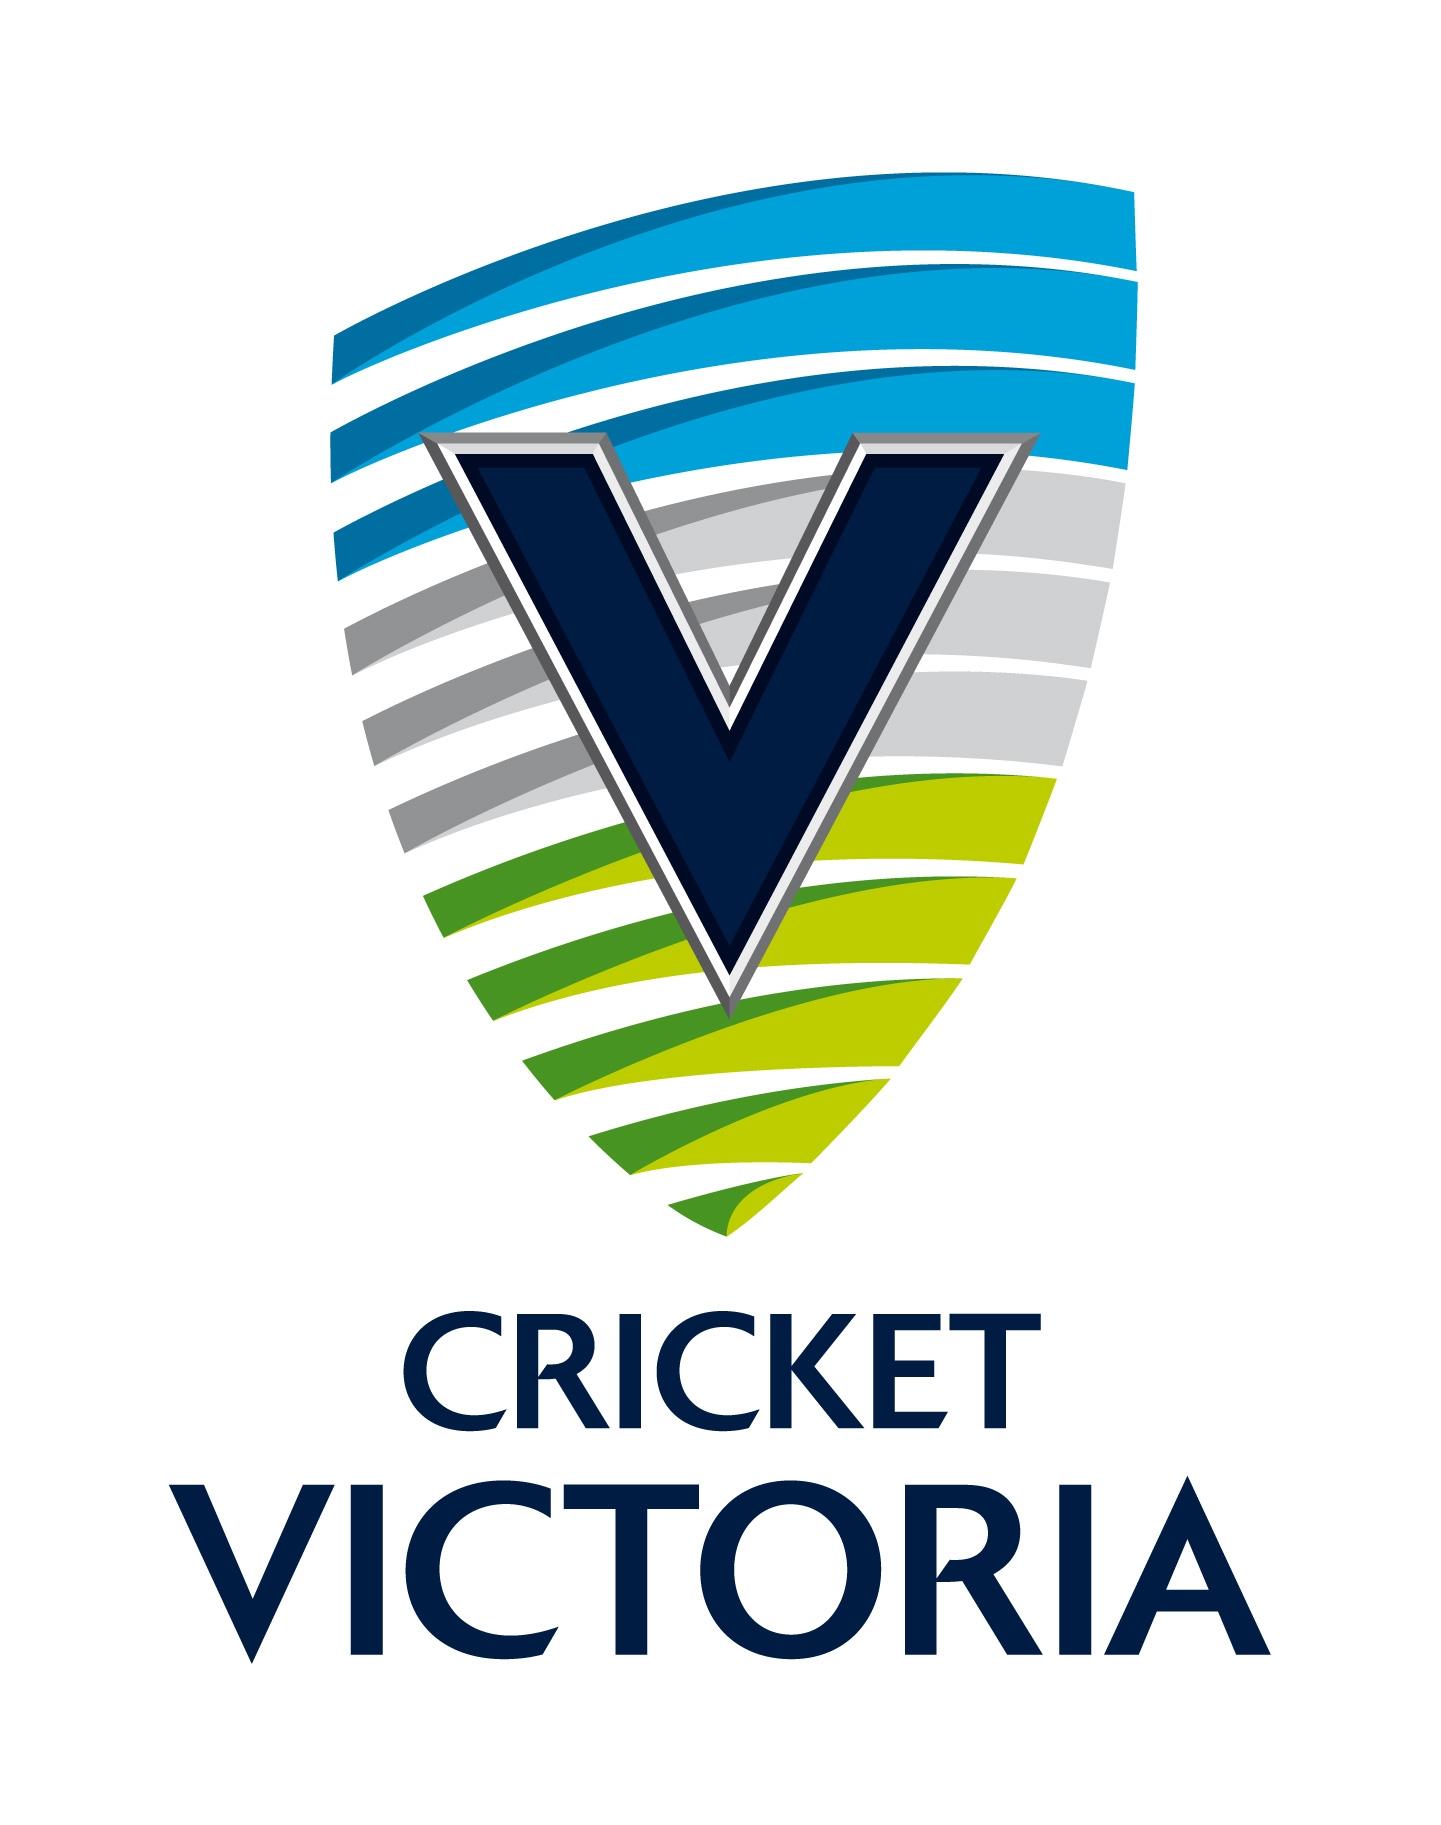 Cricket Victoria logo (New as at October 2010).JPG